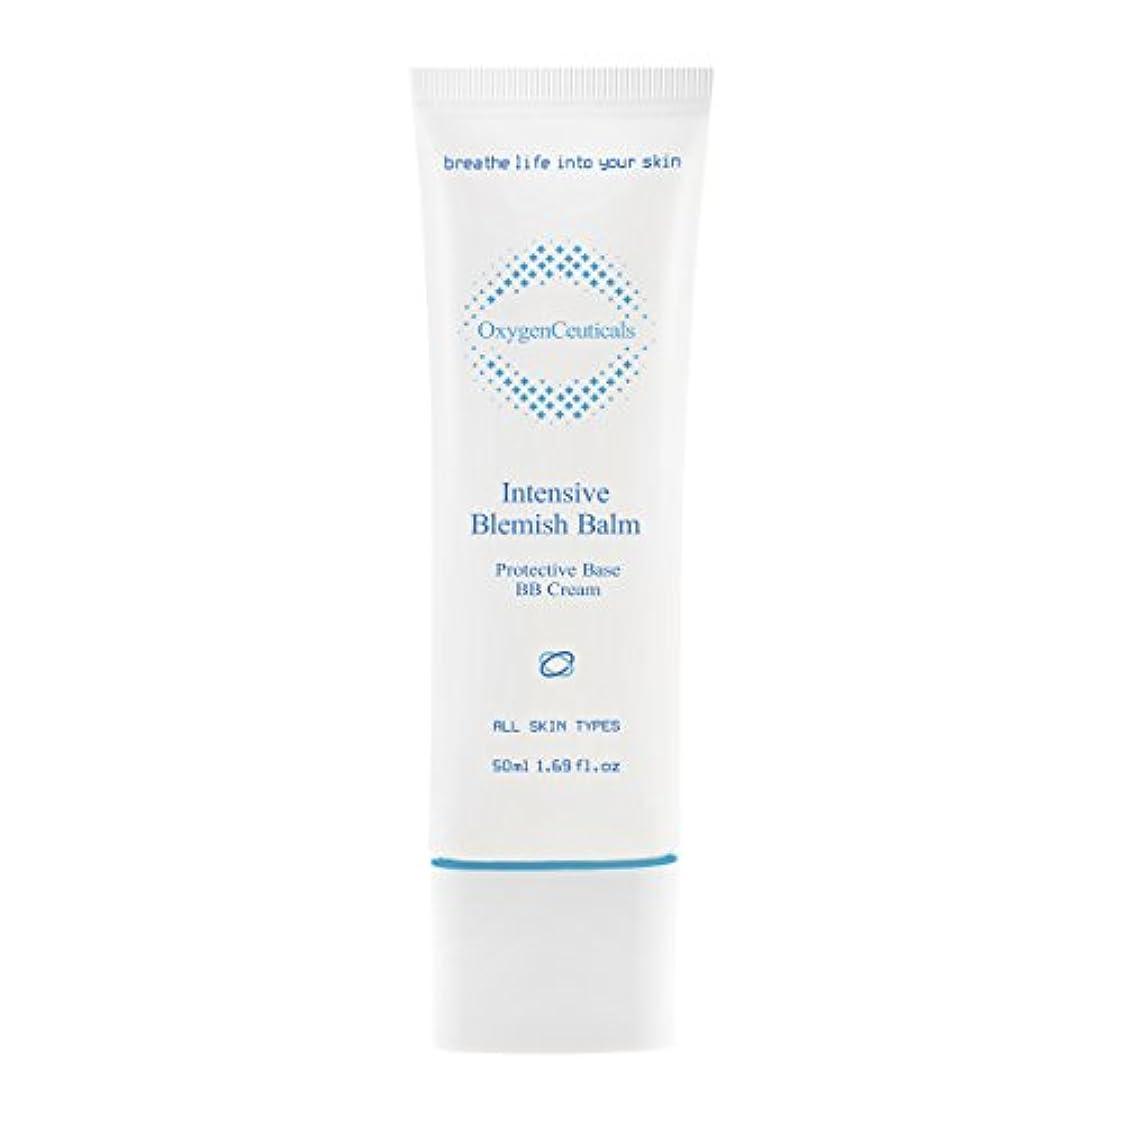 虎墓地ターゲット[ Oxygen Ceuticals ] オキシジェンシューティカルズ 酸素BBクリーム[再.生BB] 50ml. Intensive Blemish Balm(BB Cream) 50ml. X Mask Pack 1p.